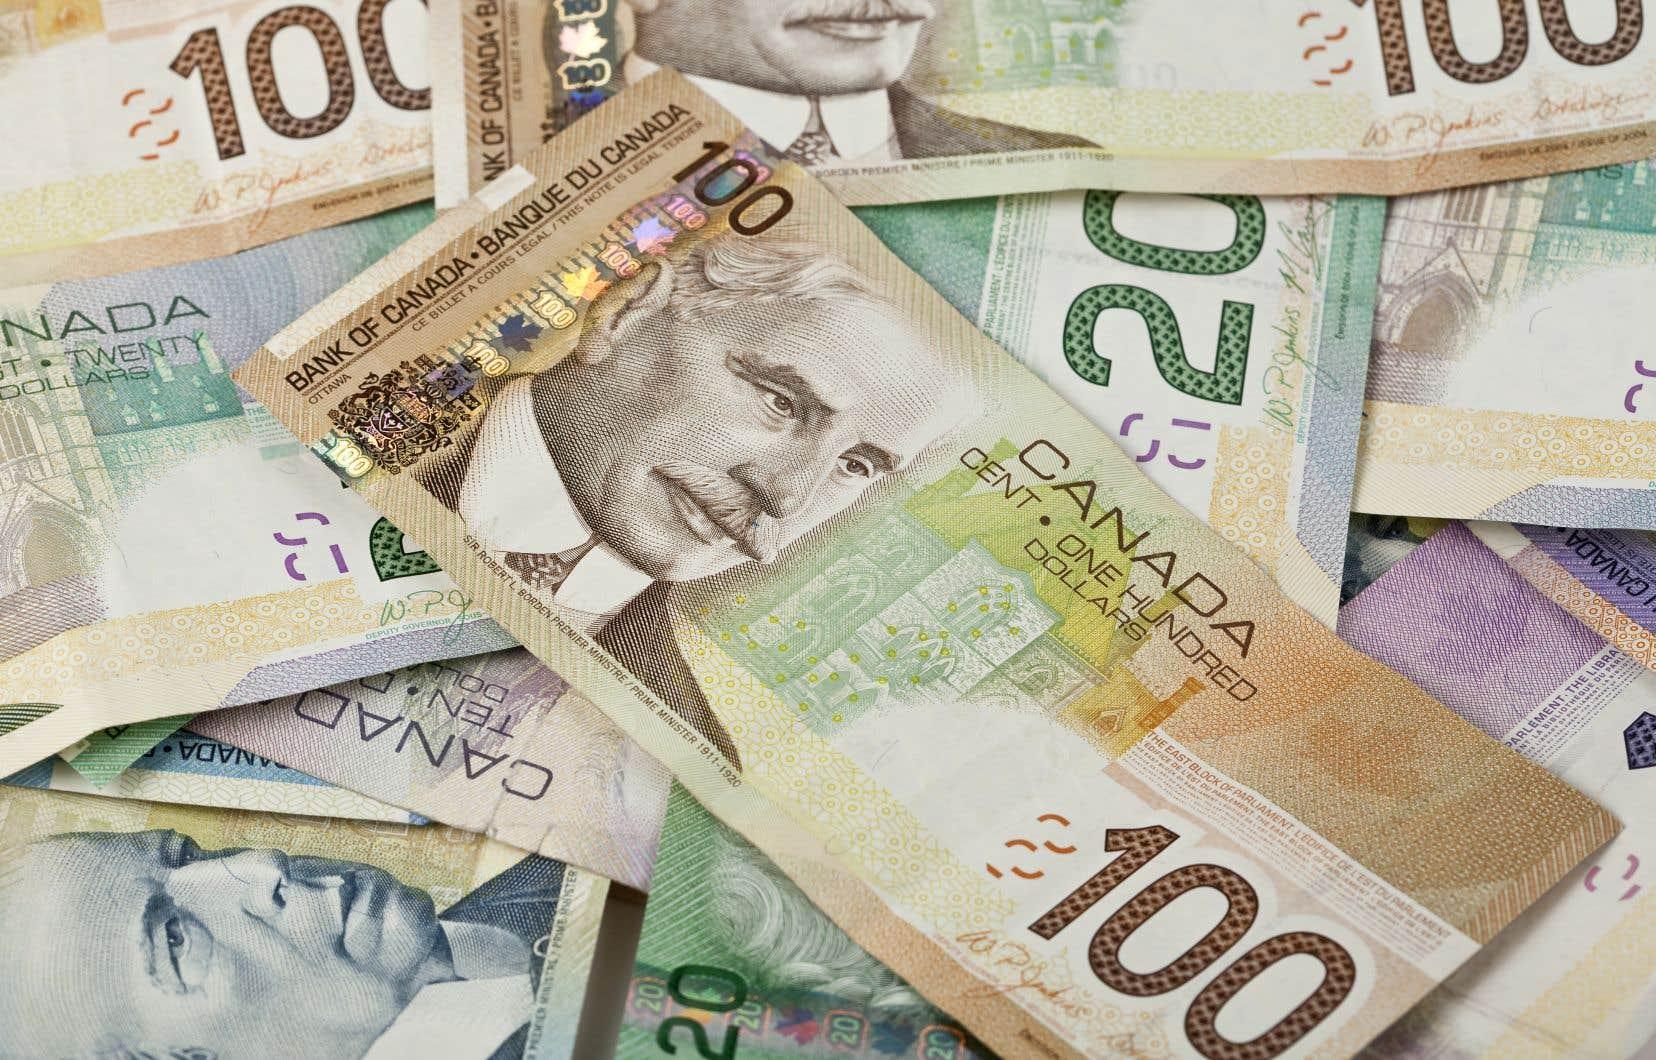 Le Fonds monétaire international a estimé il y a 20ans que le blanchiment d'argent représentait entre 2% et 5% de l'économie mondiale.